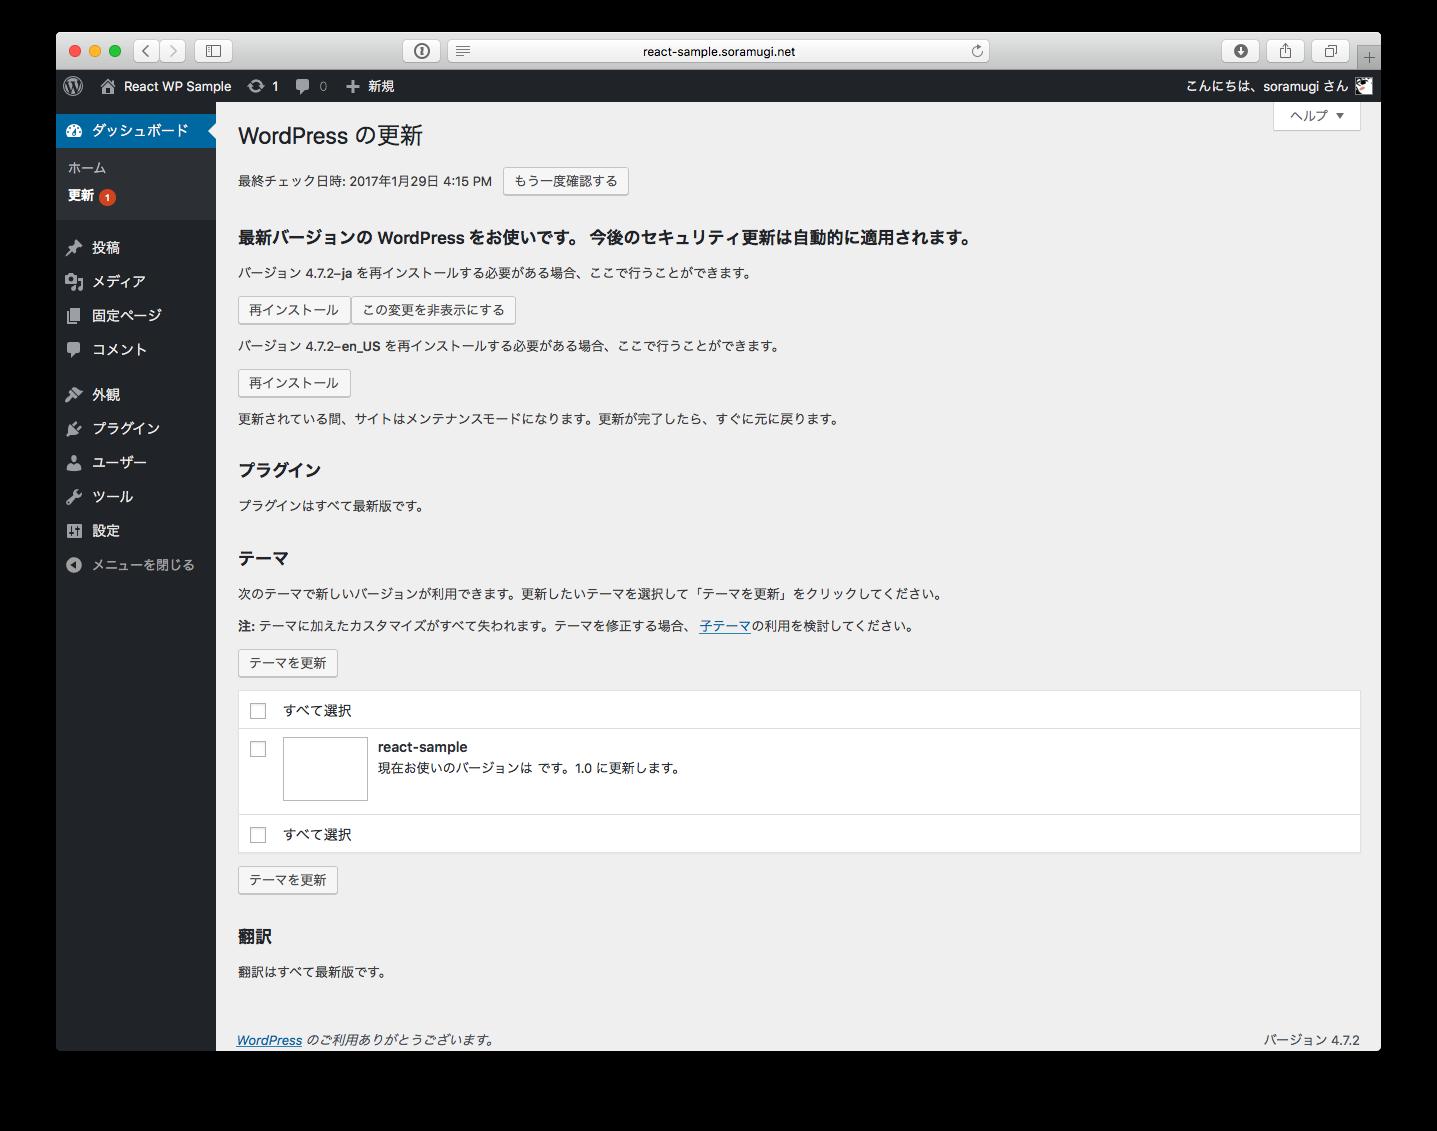 スクリーンショット 2017-01-29 16.16.09.png